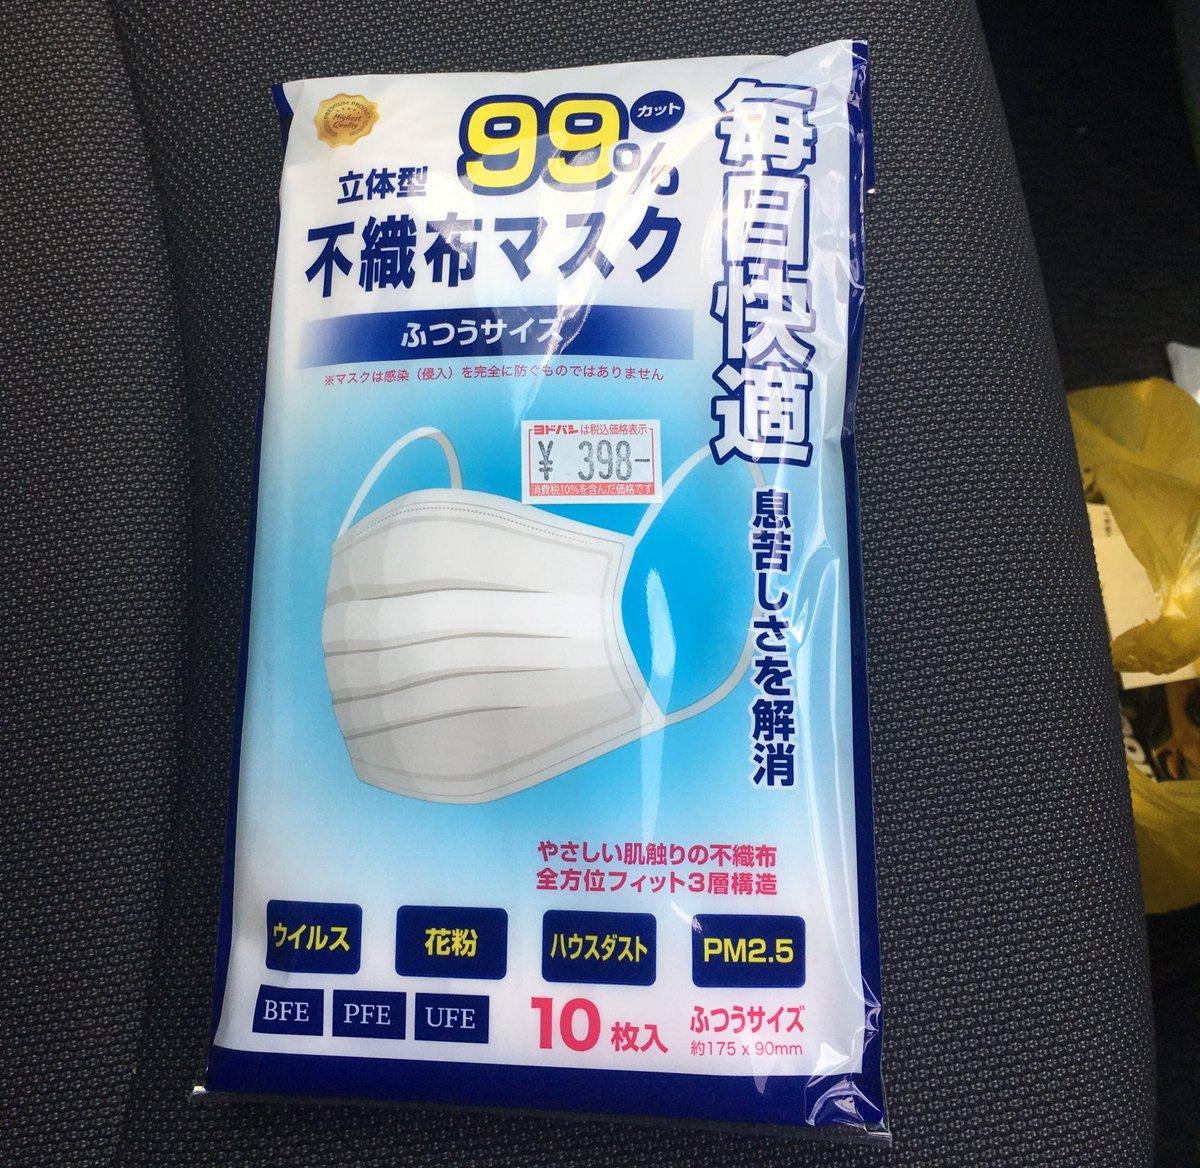 てる 仙台 店 売っ マスク